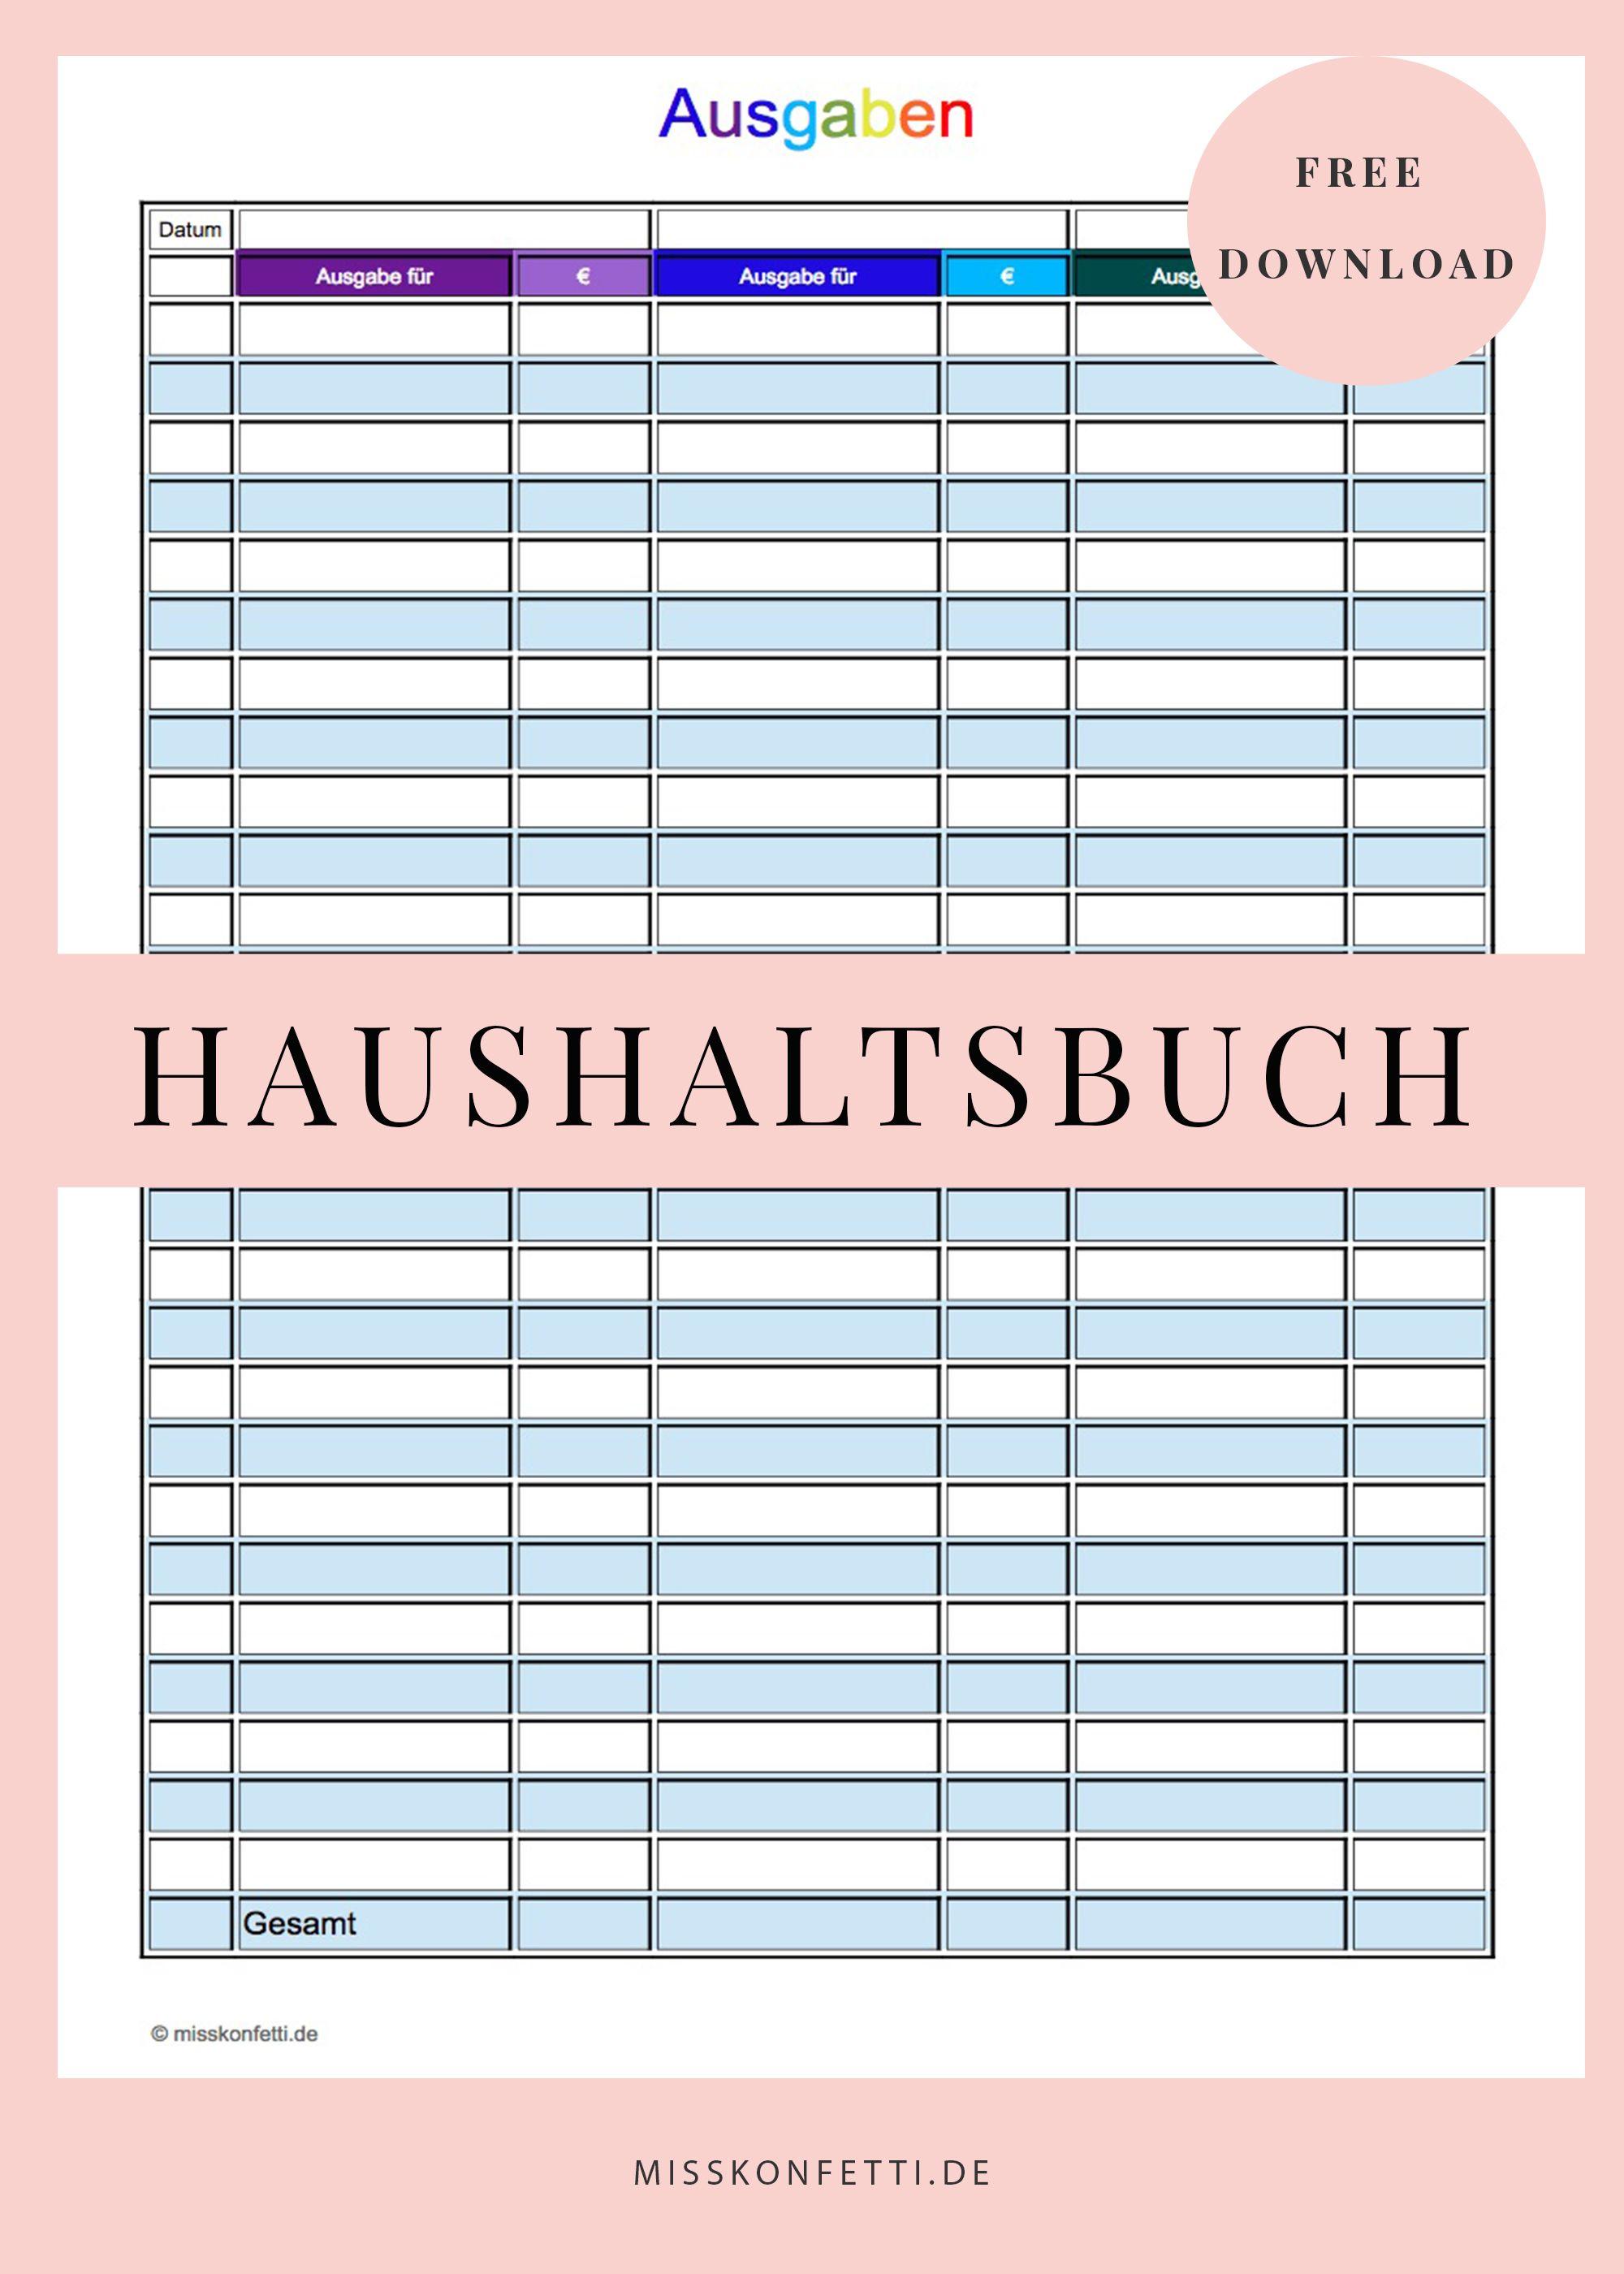 Finanzen im Griff mit dem Haushaltsbuch | Haushaltsbuch, Konfetti ...